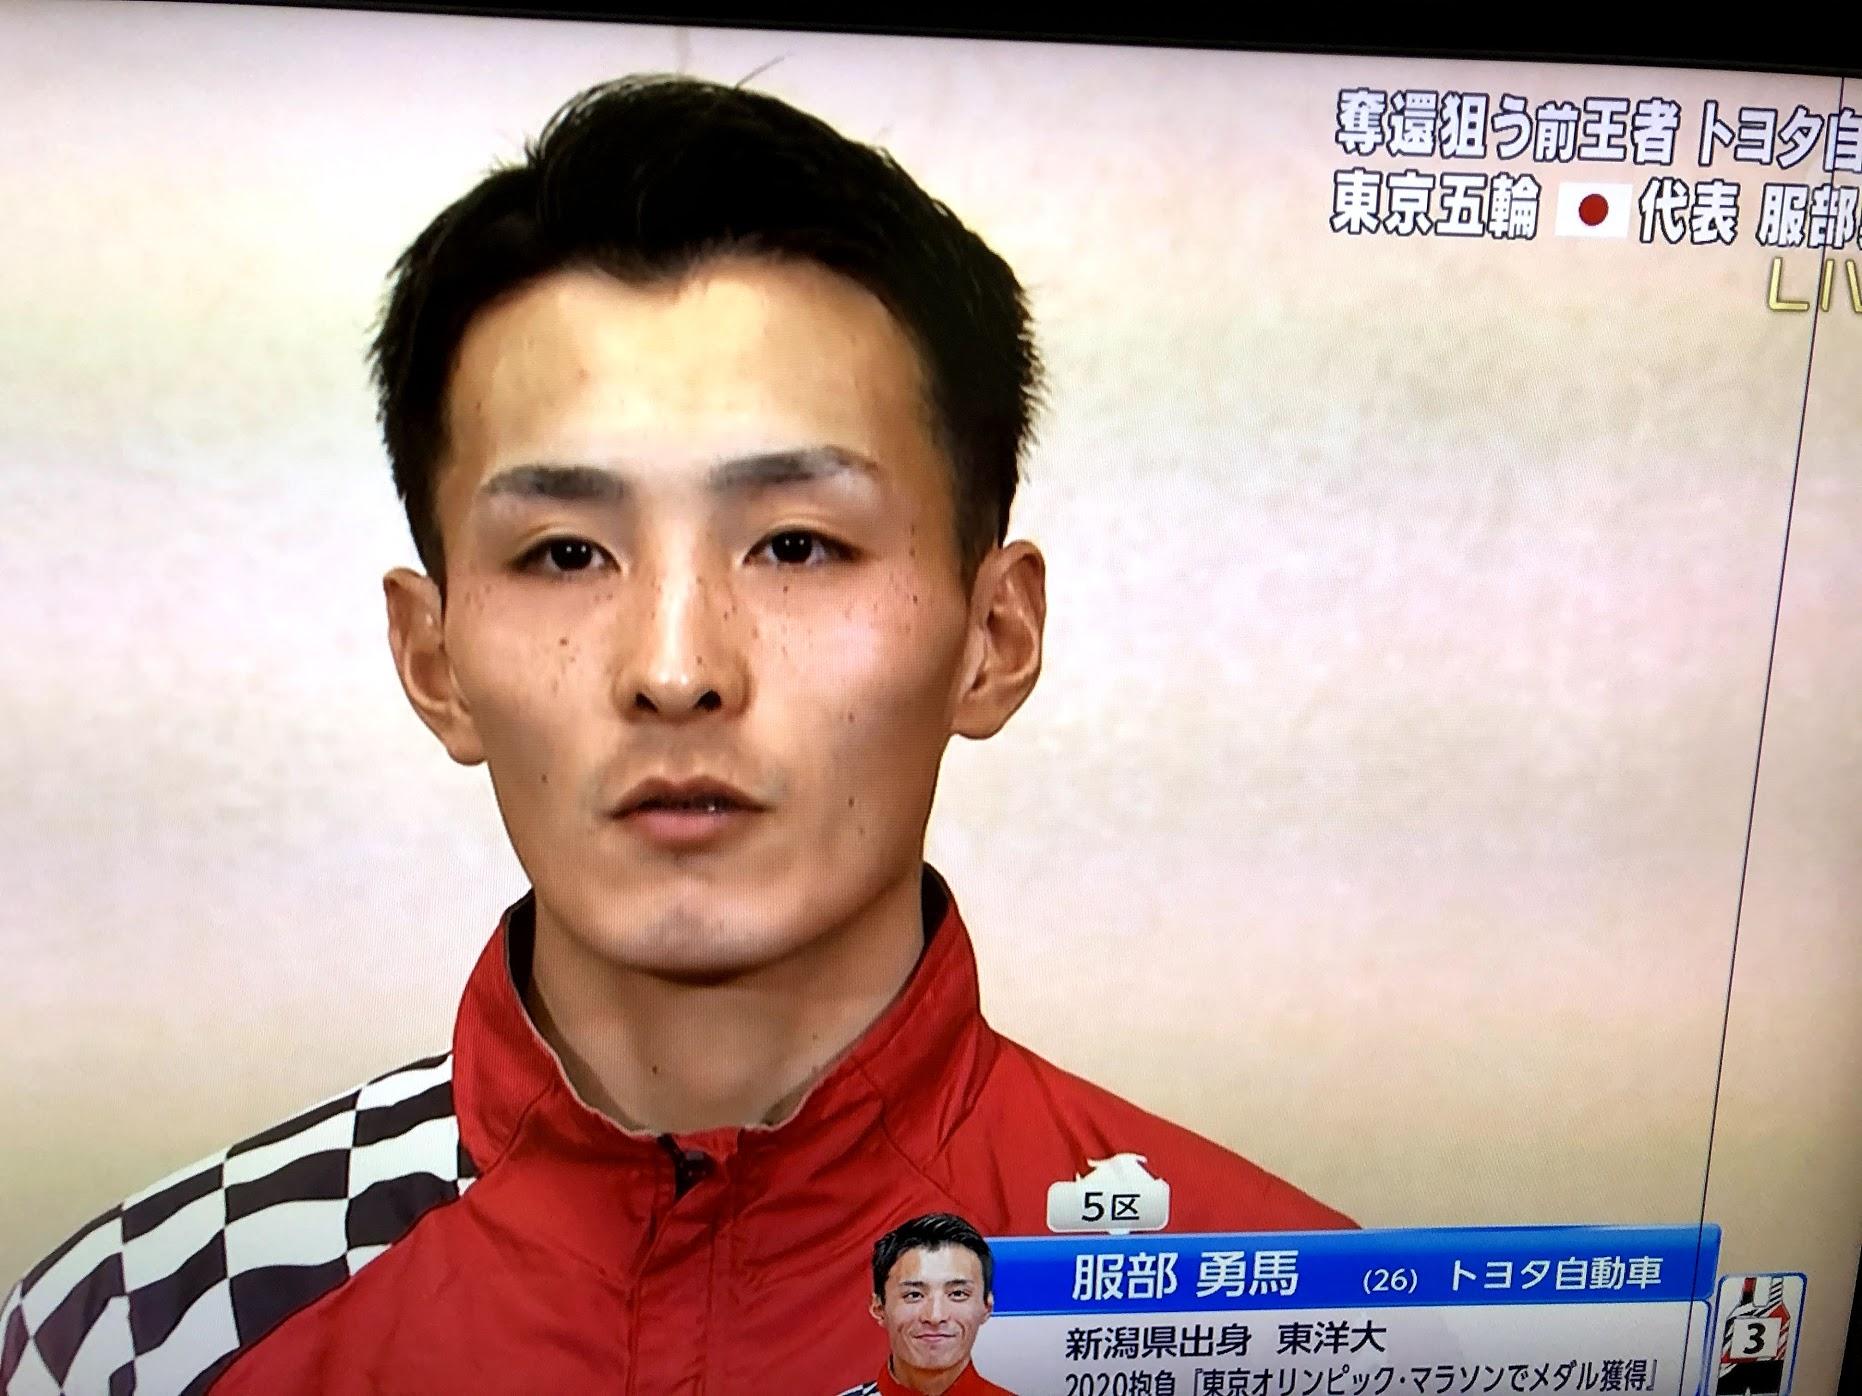 【2020ニューイヤー駅伝トヨタ応援「トヨタ頑張れ!」】